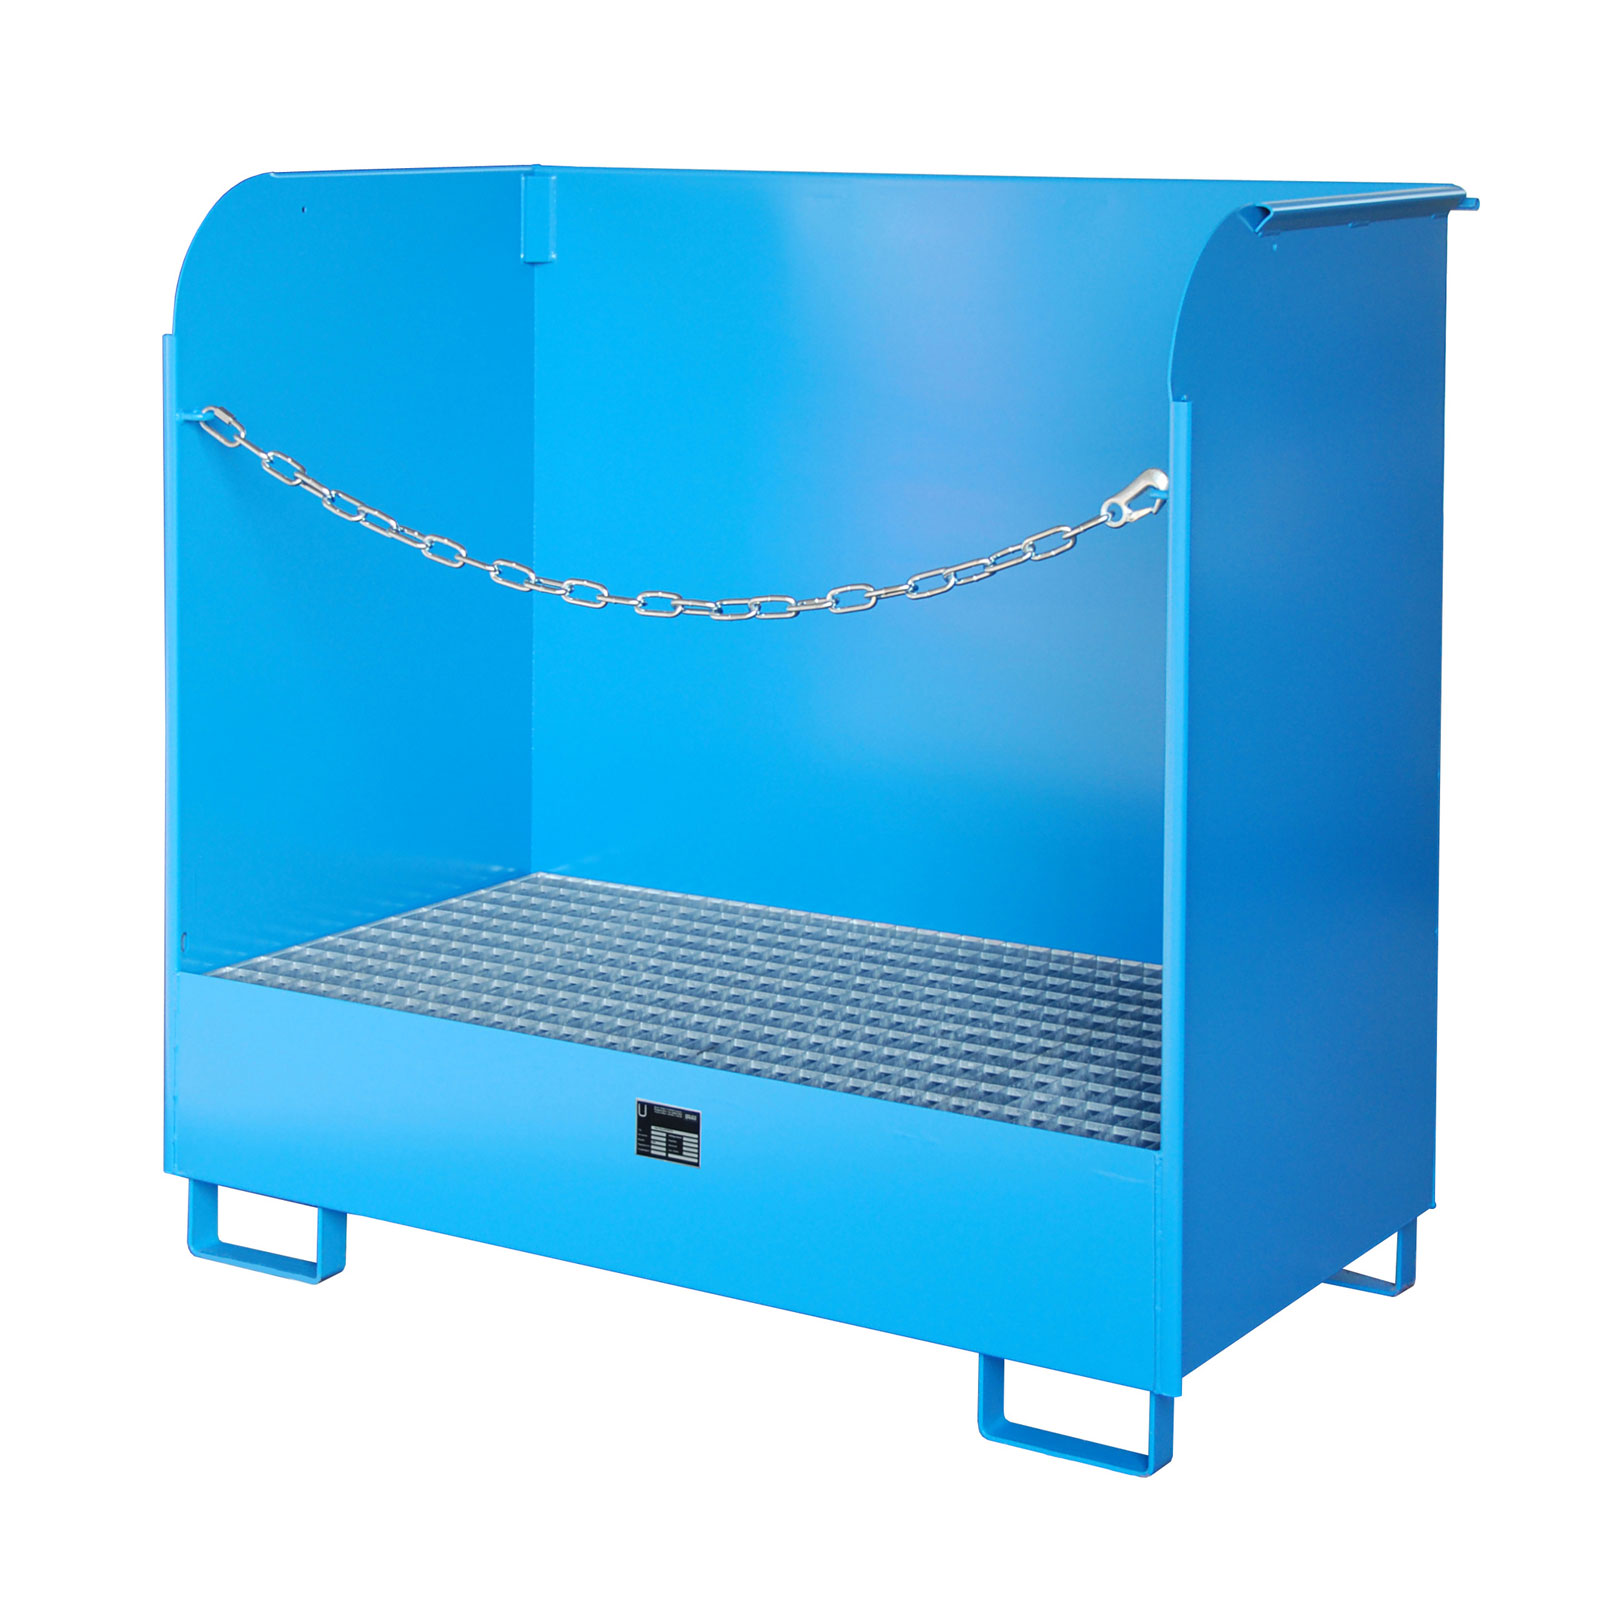 Bauer Gefahrstoff-Depot GD-A für Innenbereich mit Spritzschutzwand, Lichtblau 4416-01-0000-3